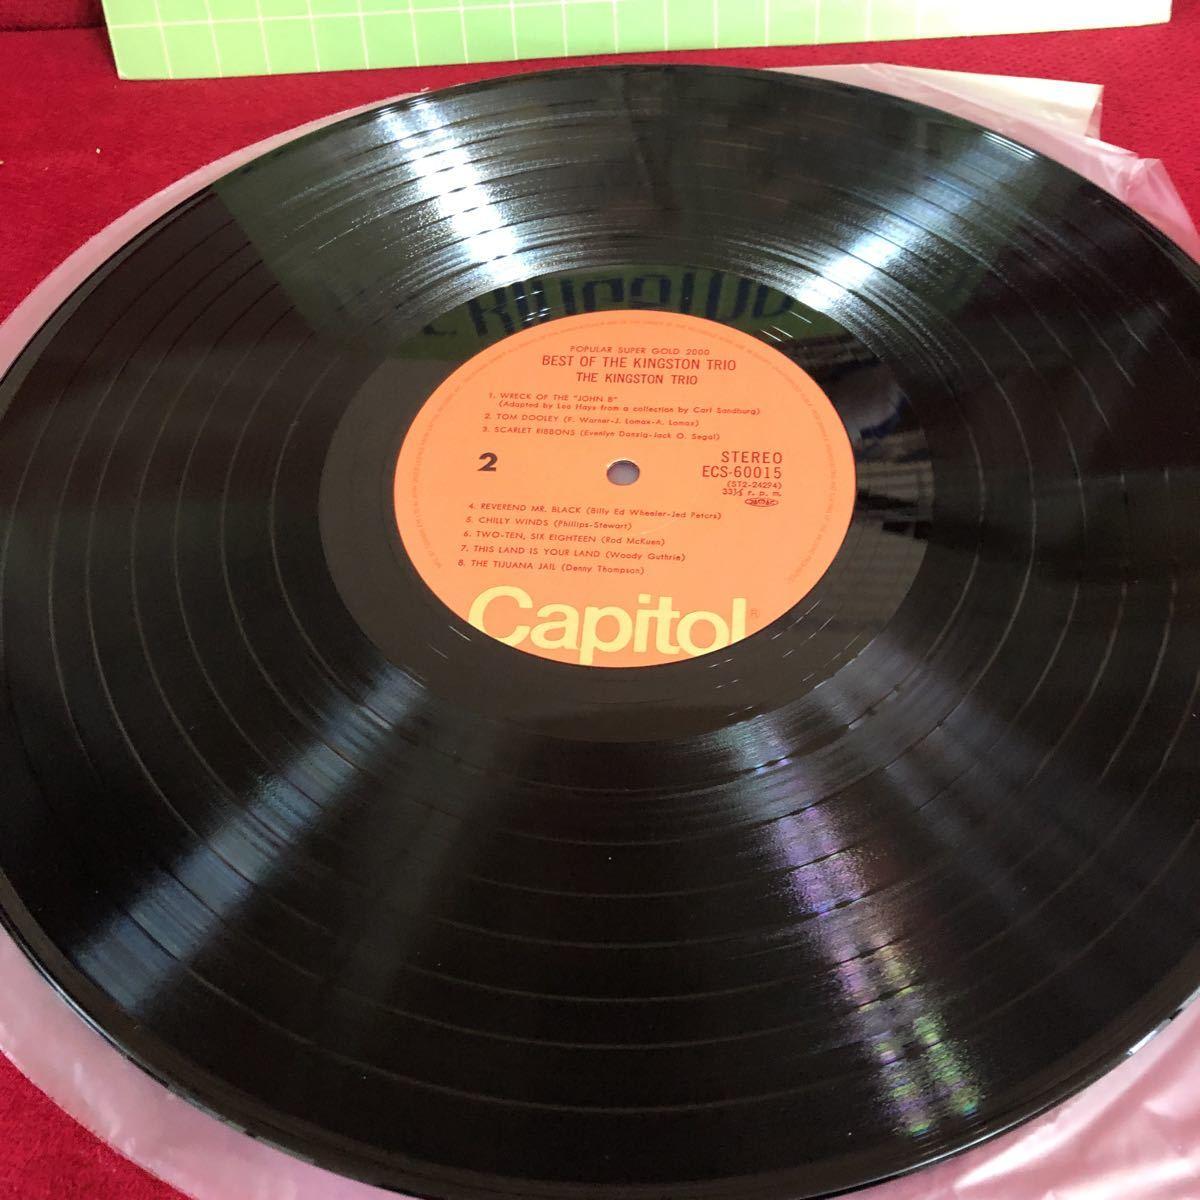 レア盤★LPレコード★THE KINGSTON TRIO ★フォークの王者キングストン・トリオのすべて★レコード多数出品中_画像5